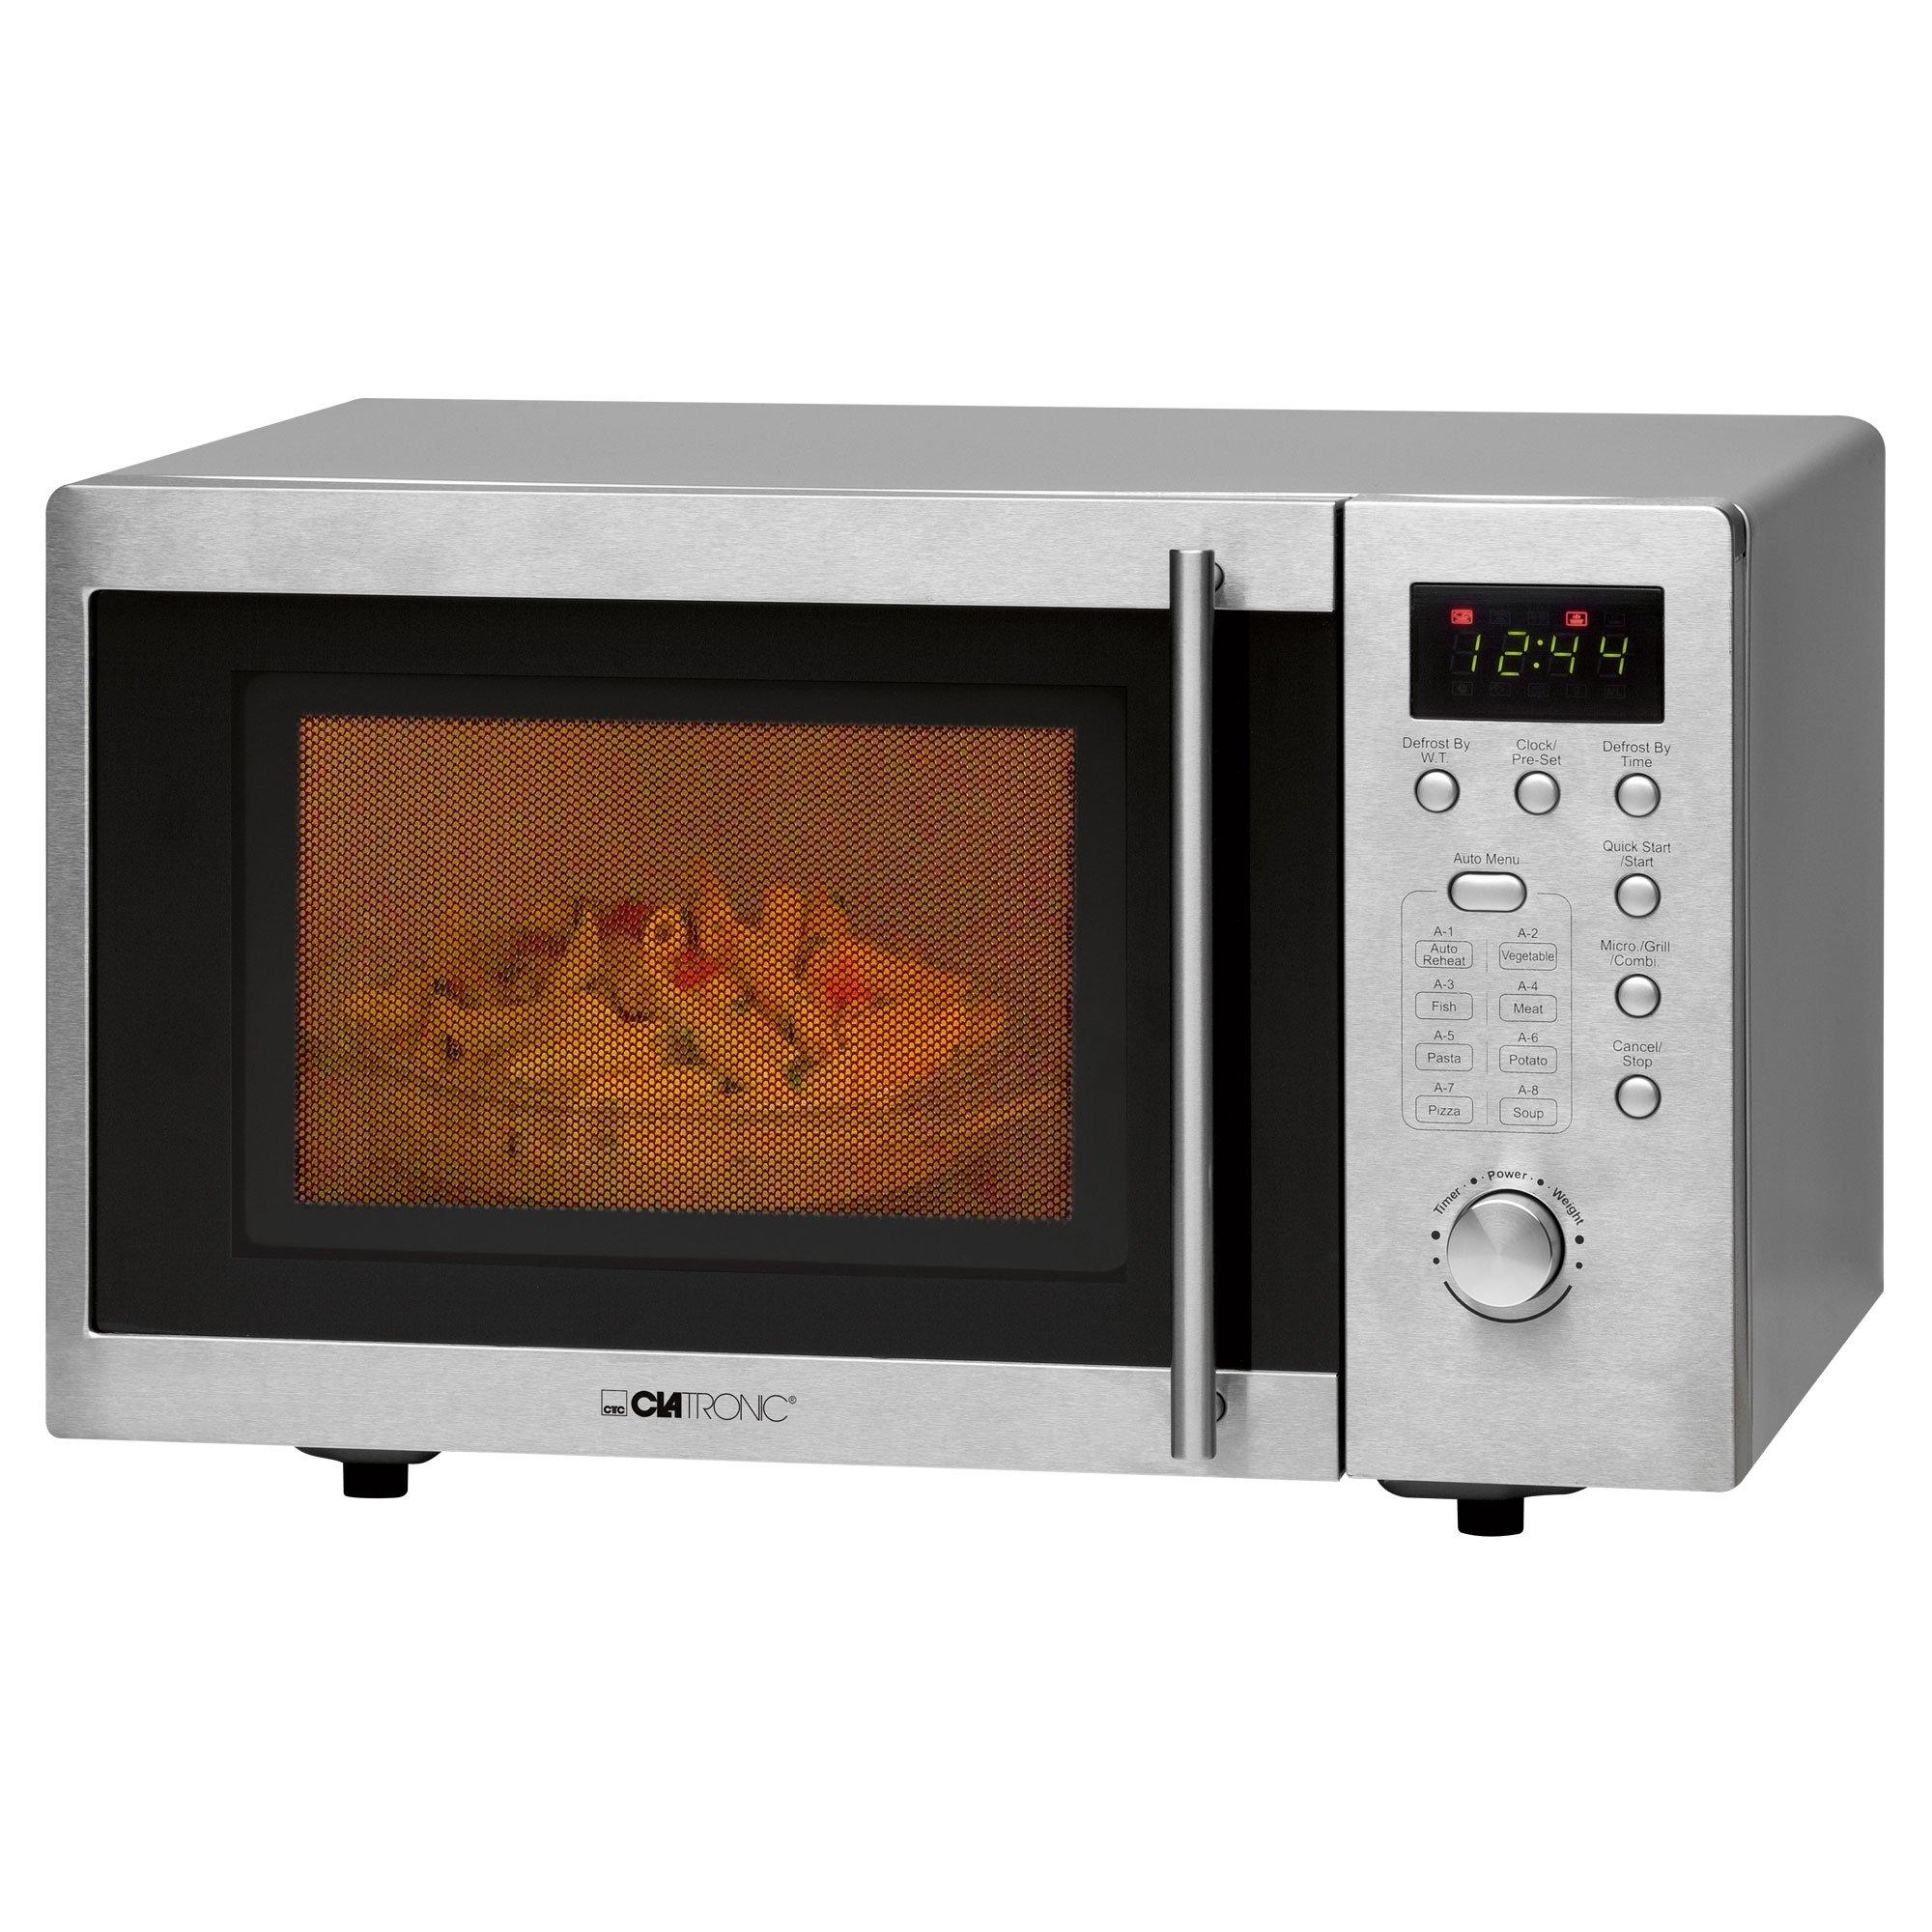 am besten bewertete produkte in der kategorie mikrowellen mit grill. Black Bedroom Furniture Sets. Home Design Ideas